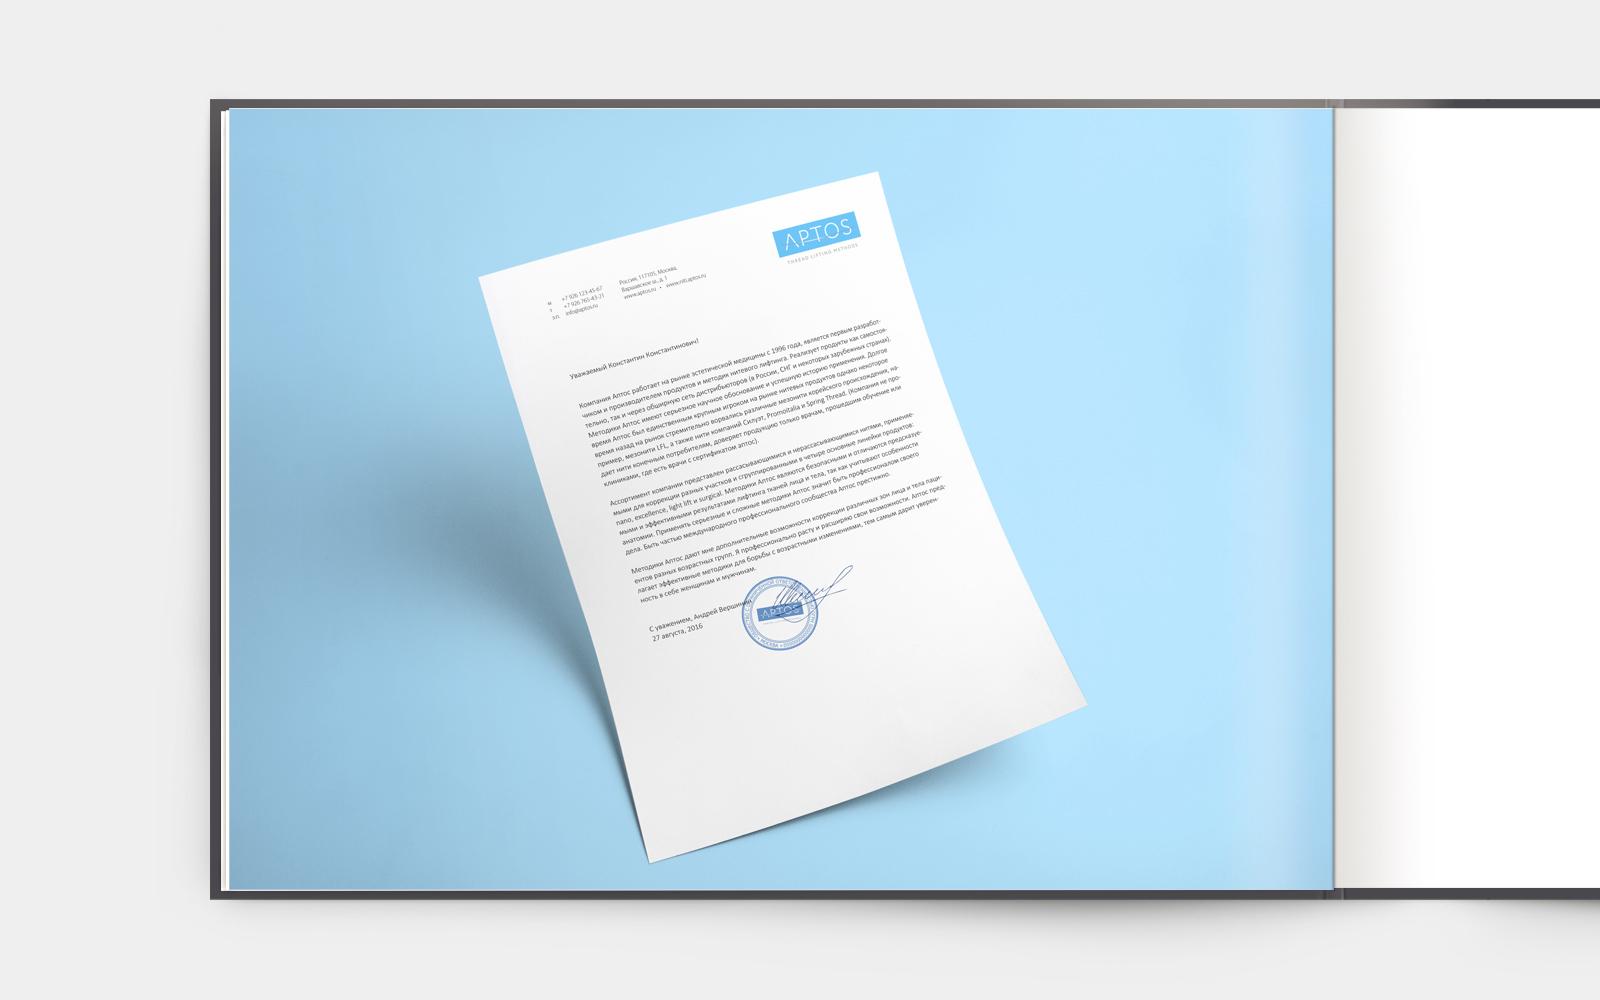 Шаблон фирменного бланка APTOS с элементами фирменного стиля компании